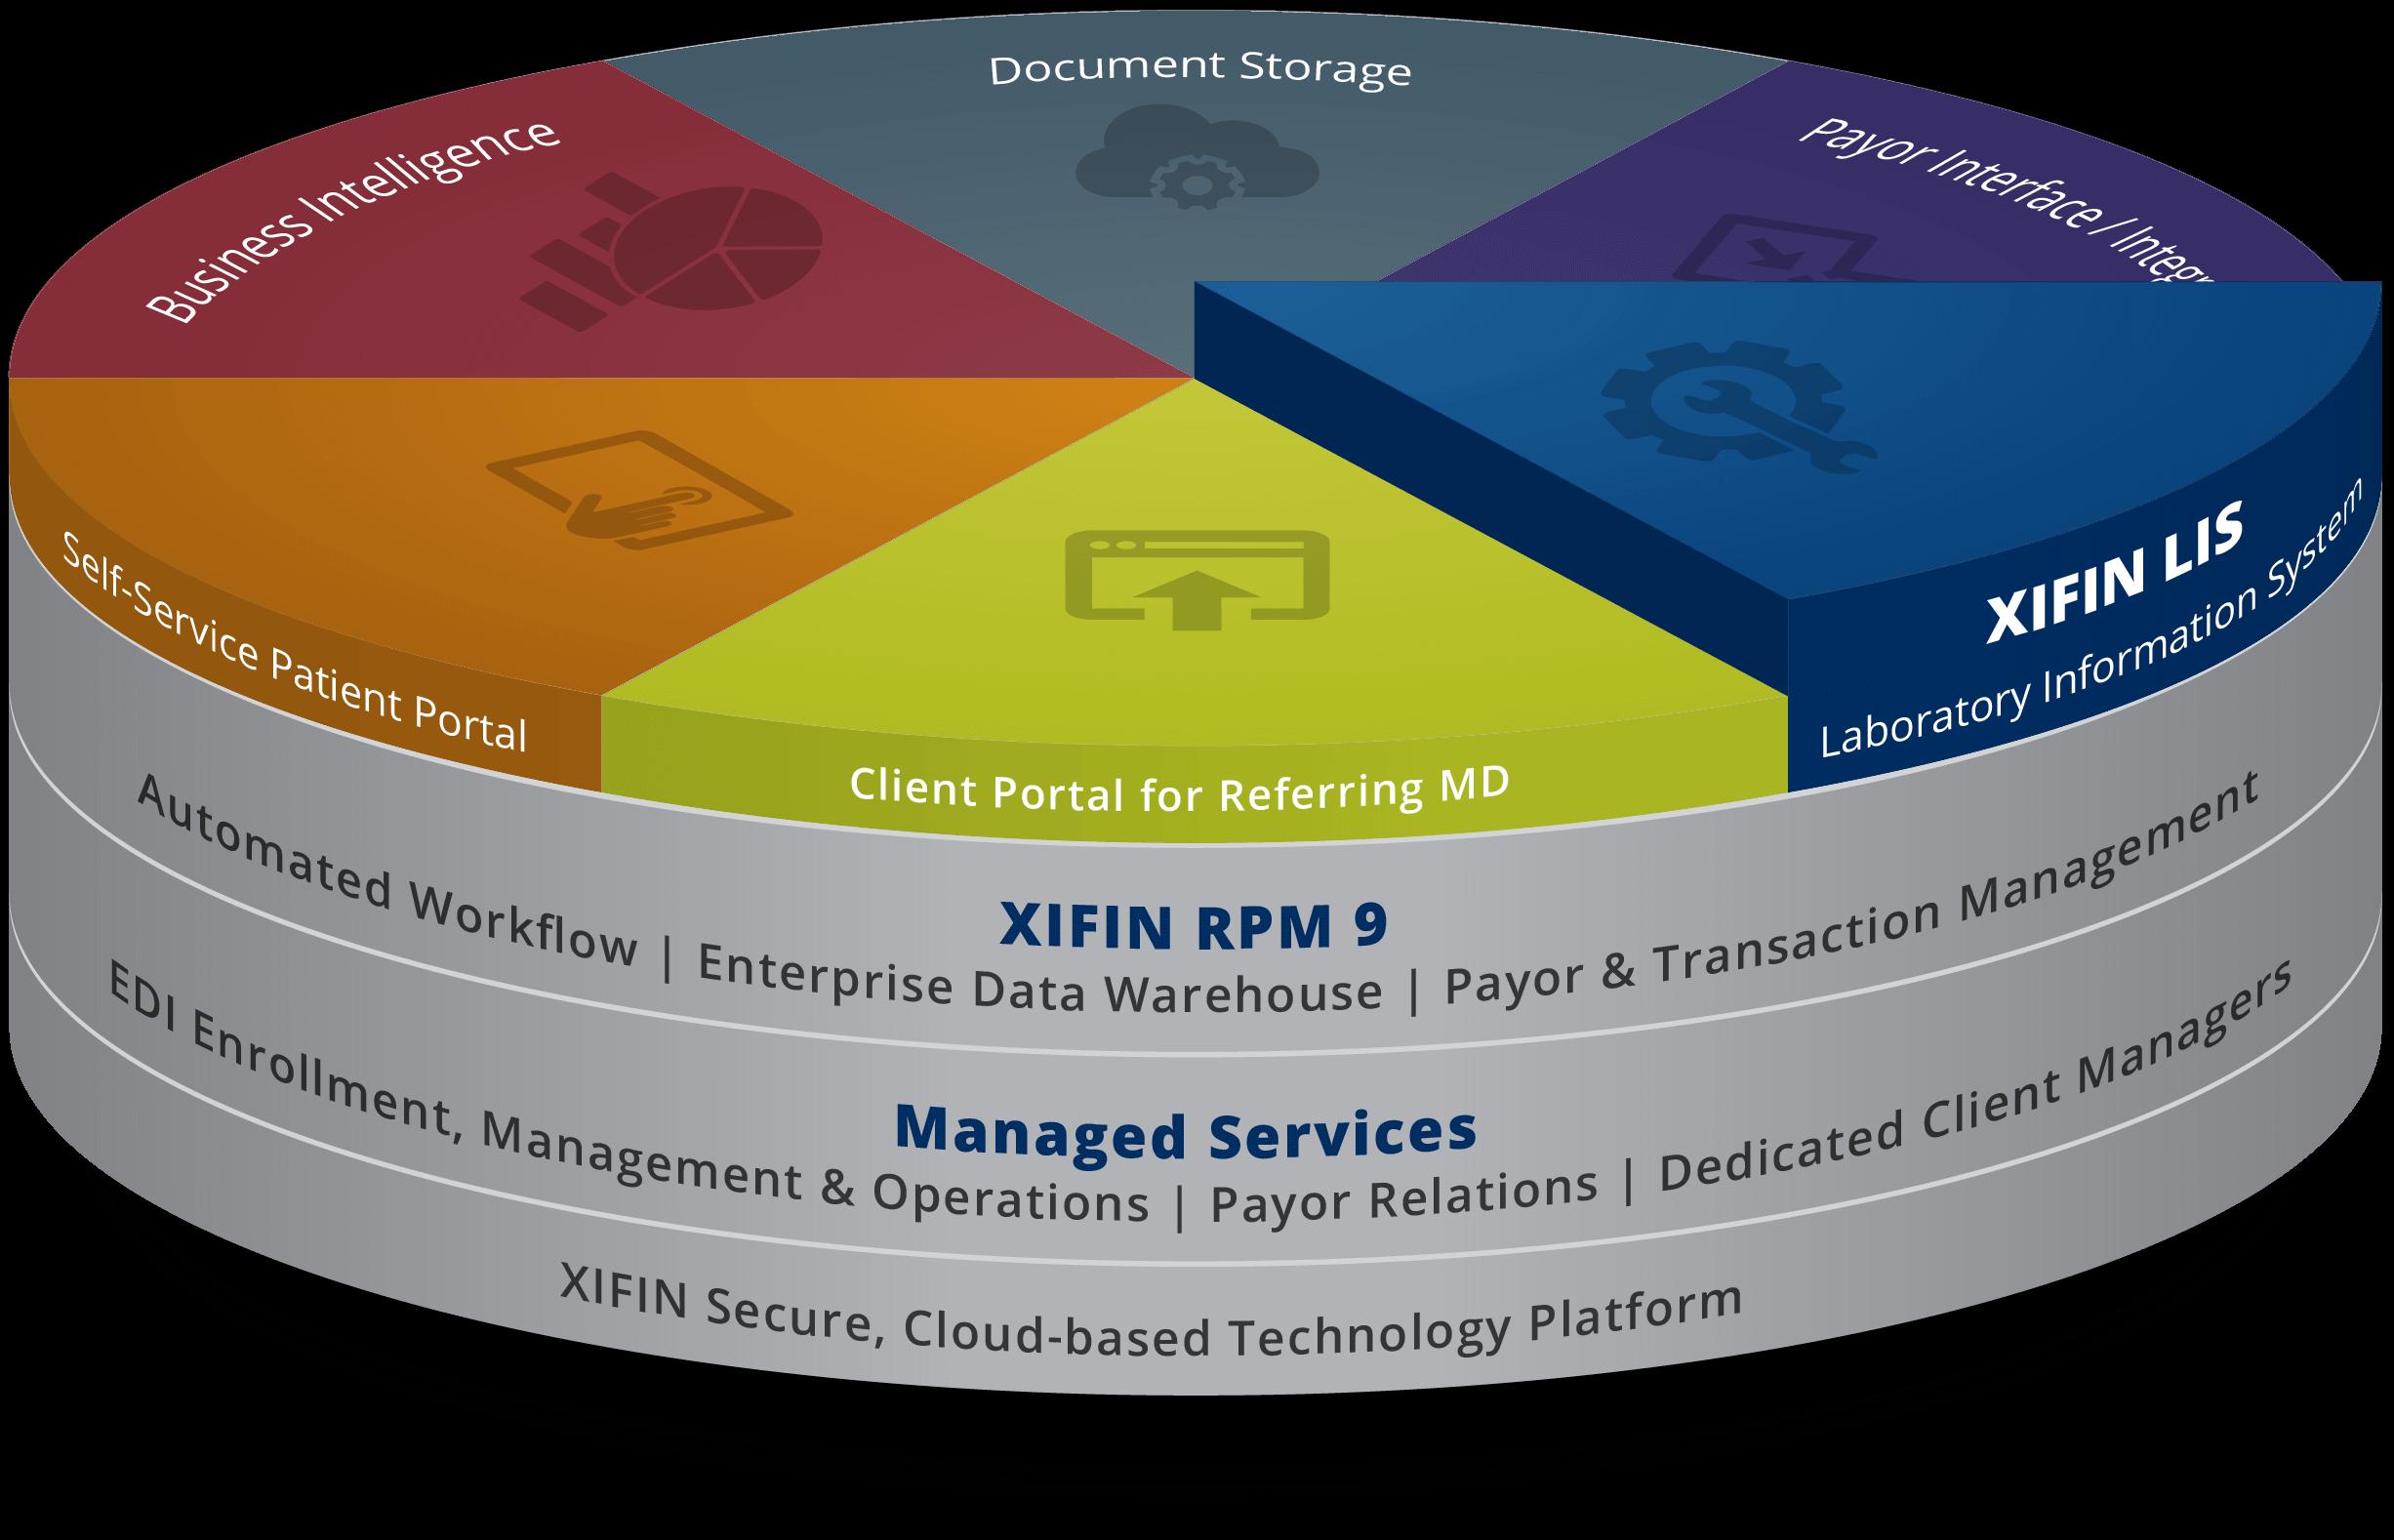 XIFIN Technology Platform